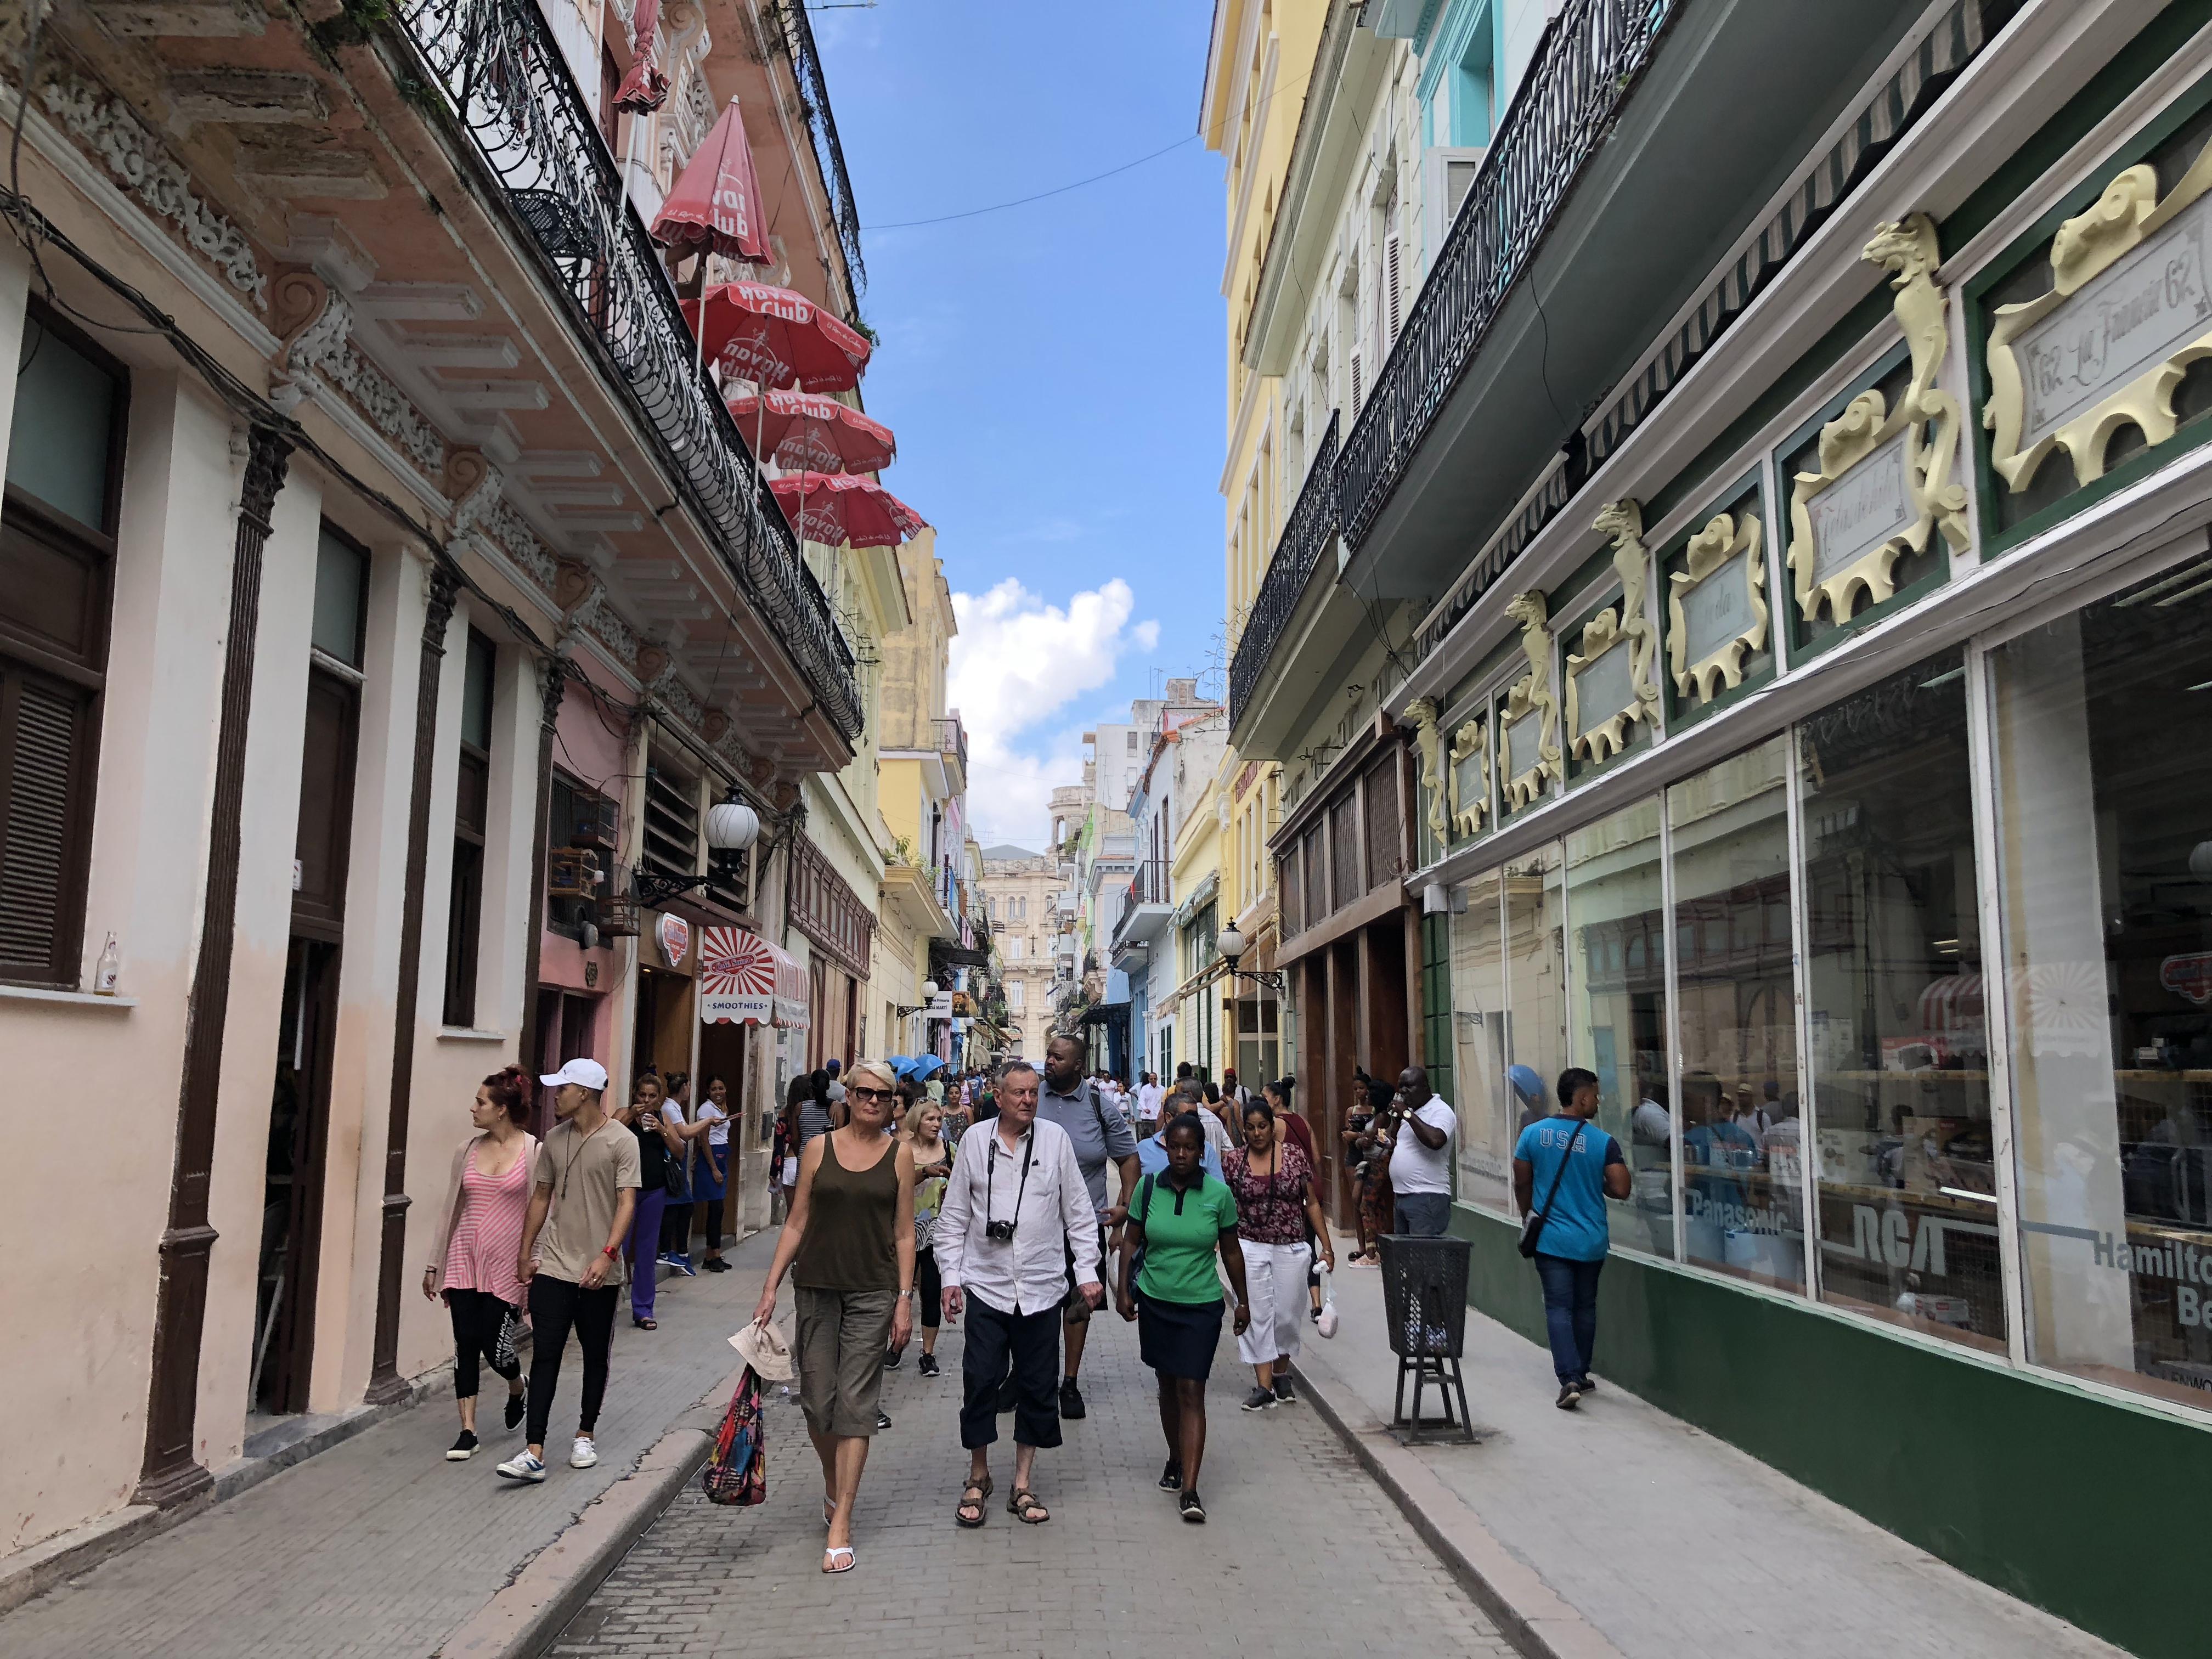 ハバナ(キューバ)ー 時が止められた街